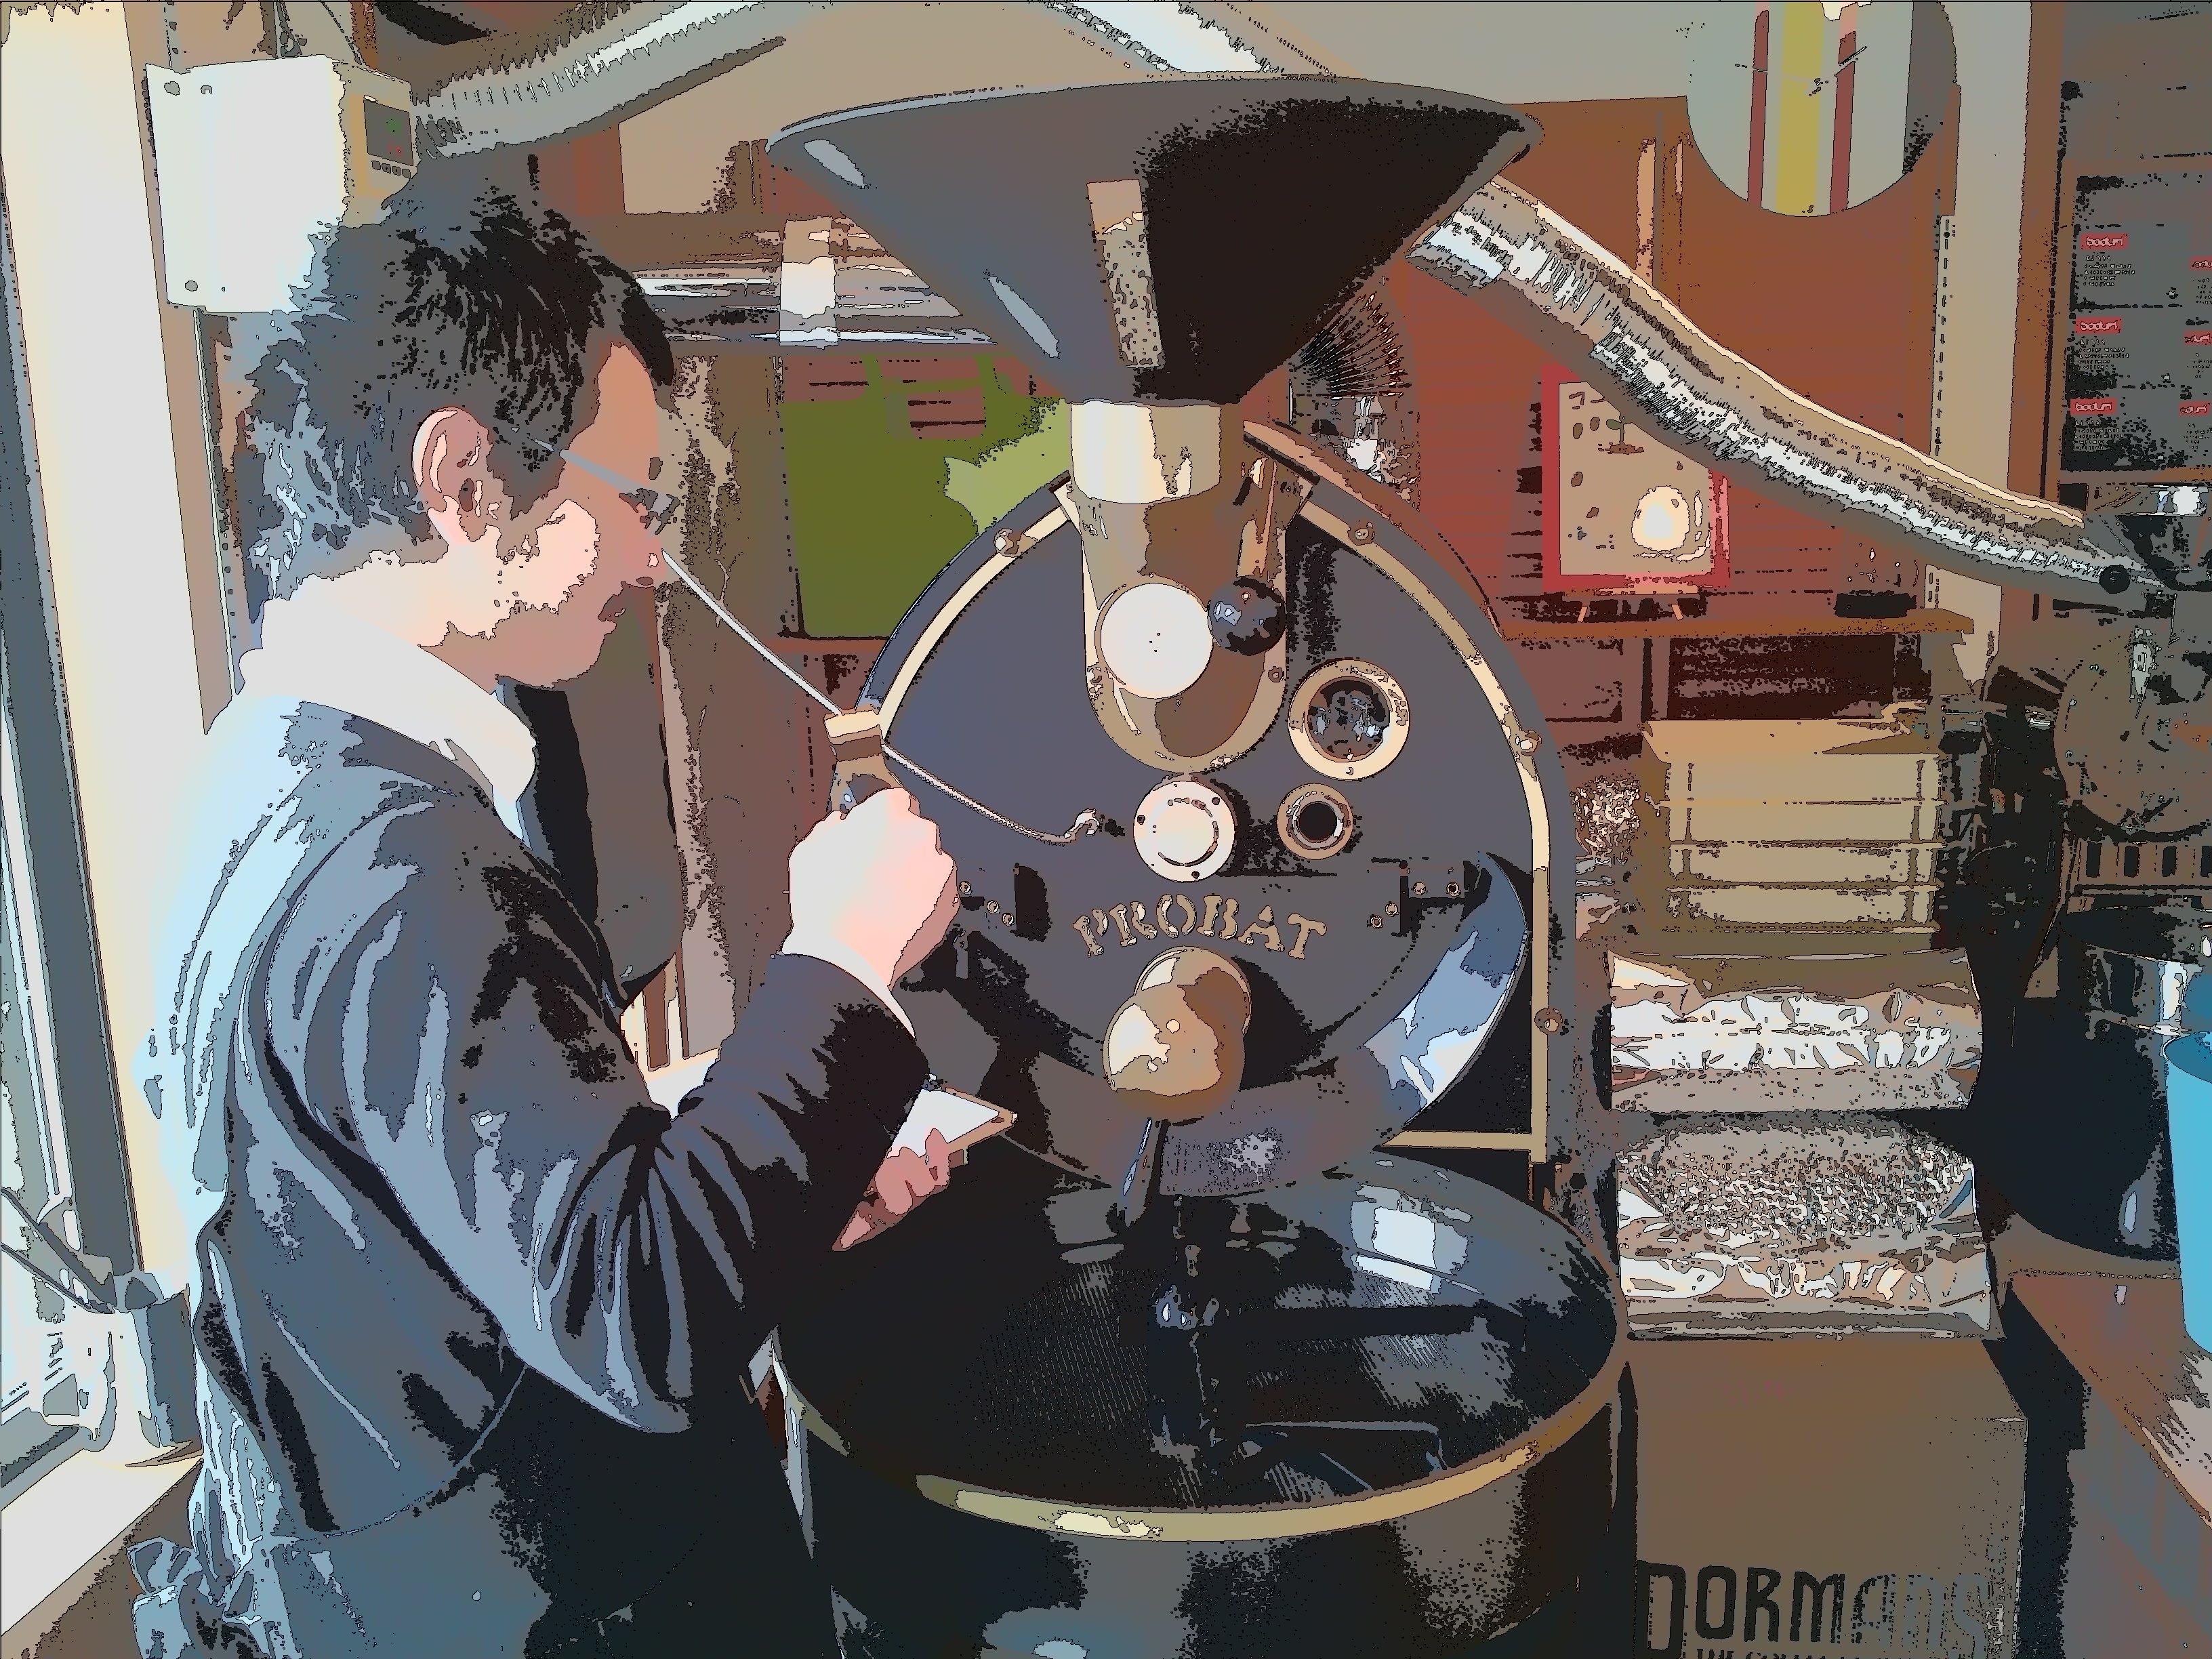 コーヒーの季節!連日怒涛の焙煎が続きます!